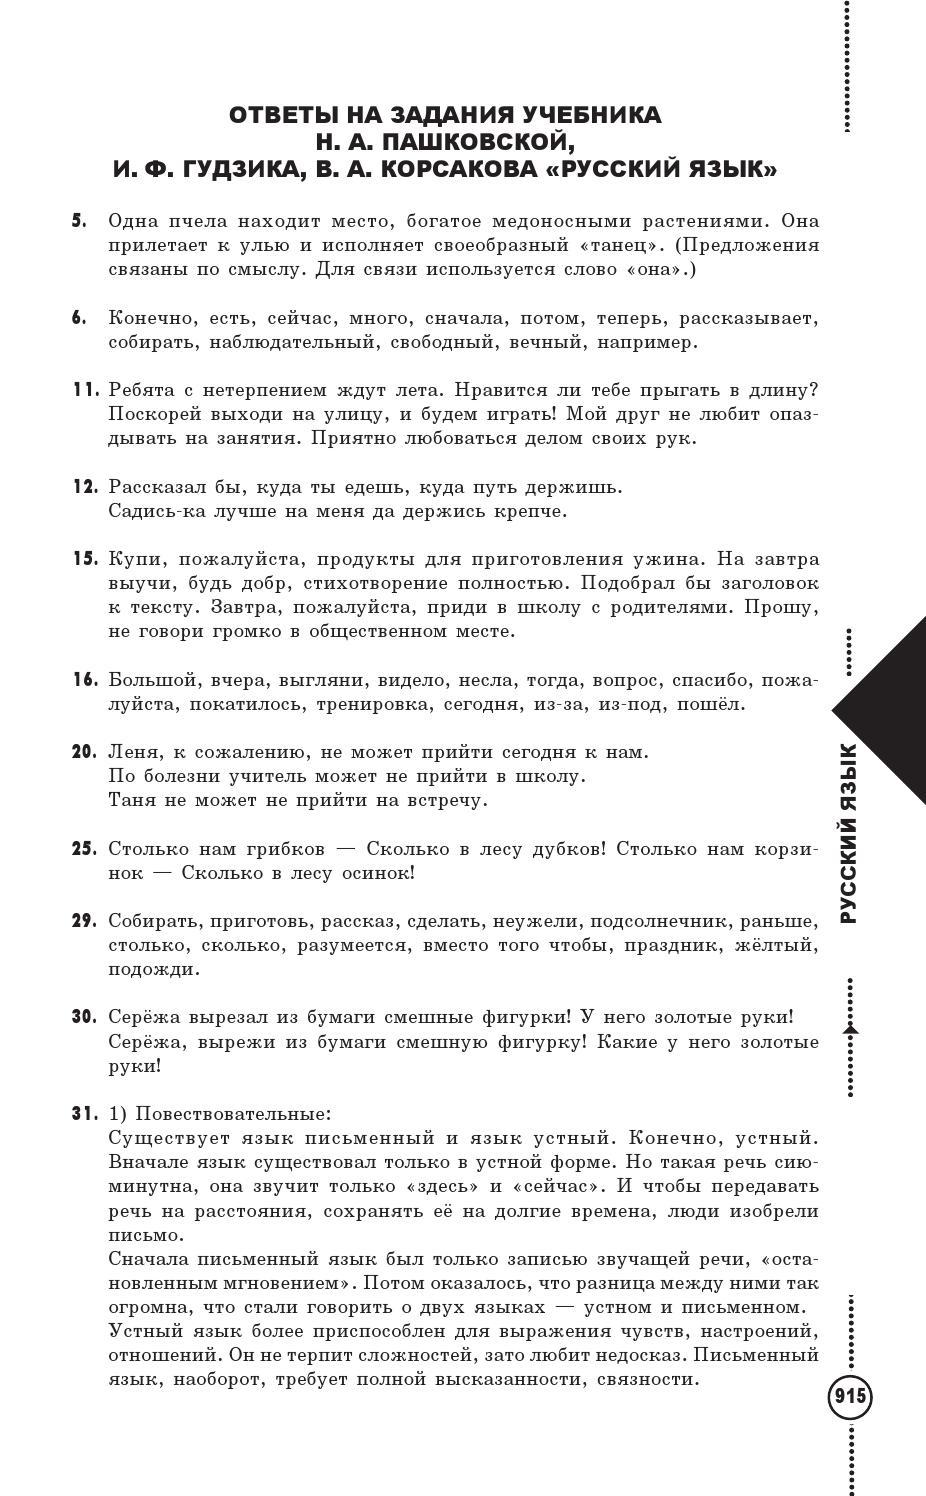 Решебник по русскому 9 класс пашковская